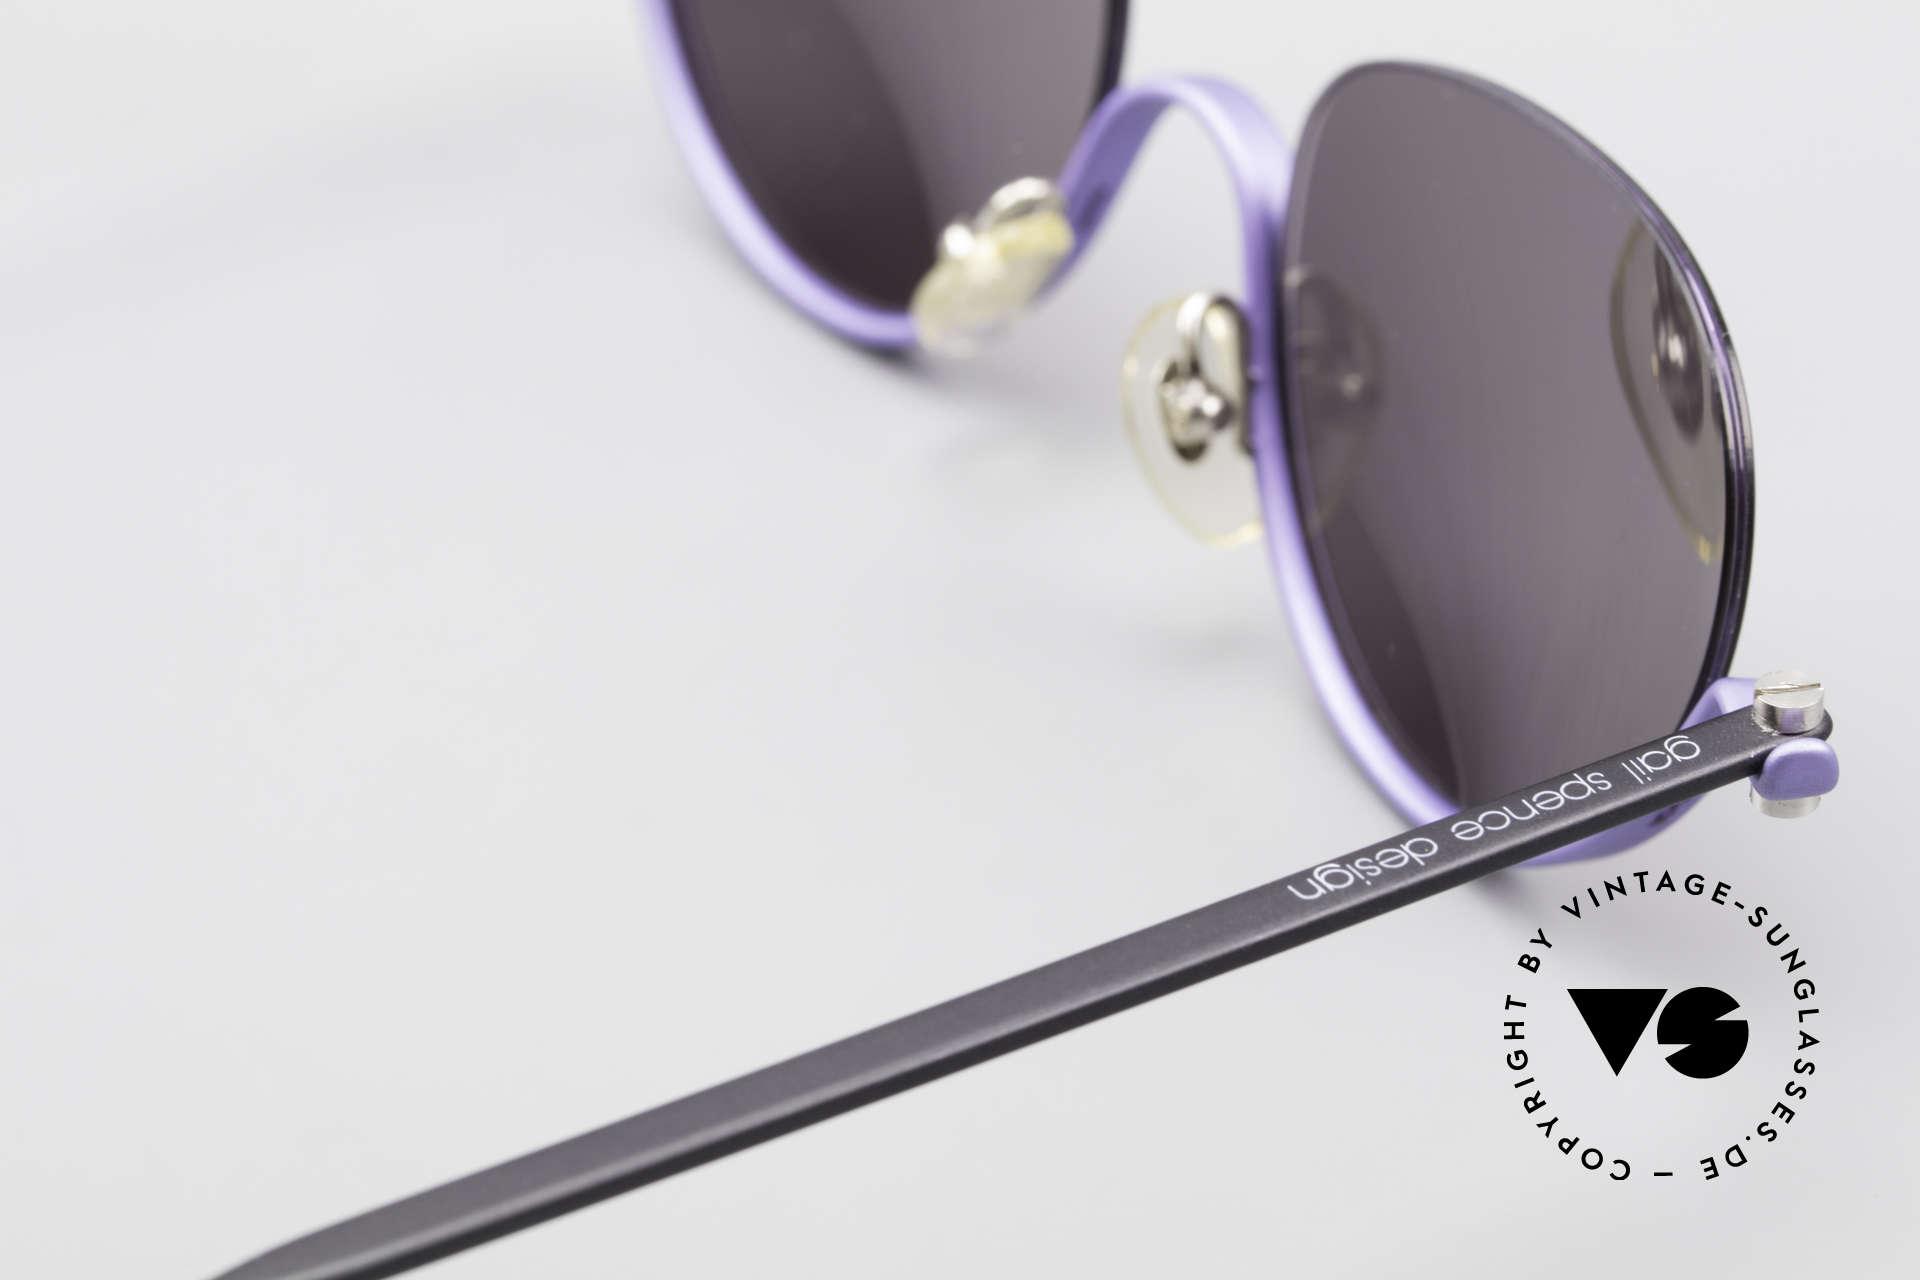 ProDesign No8 Gail Spence Designer Brille, dieses ungetragene N°8 Modell stammt von ca. '95, Passend für Damen